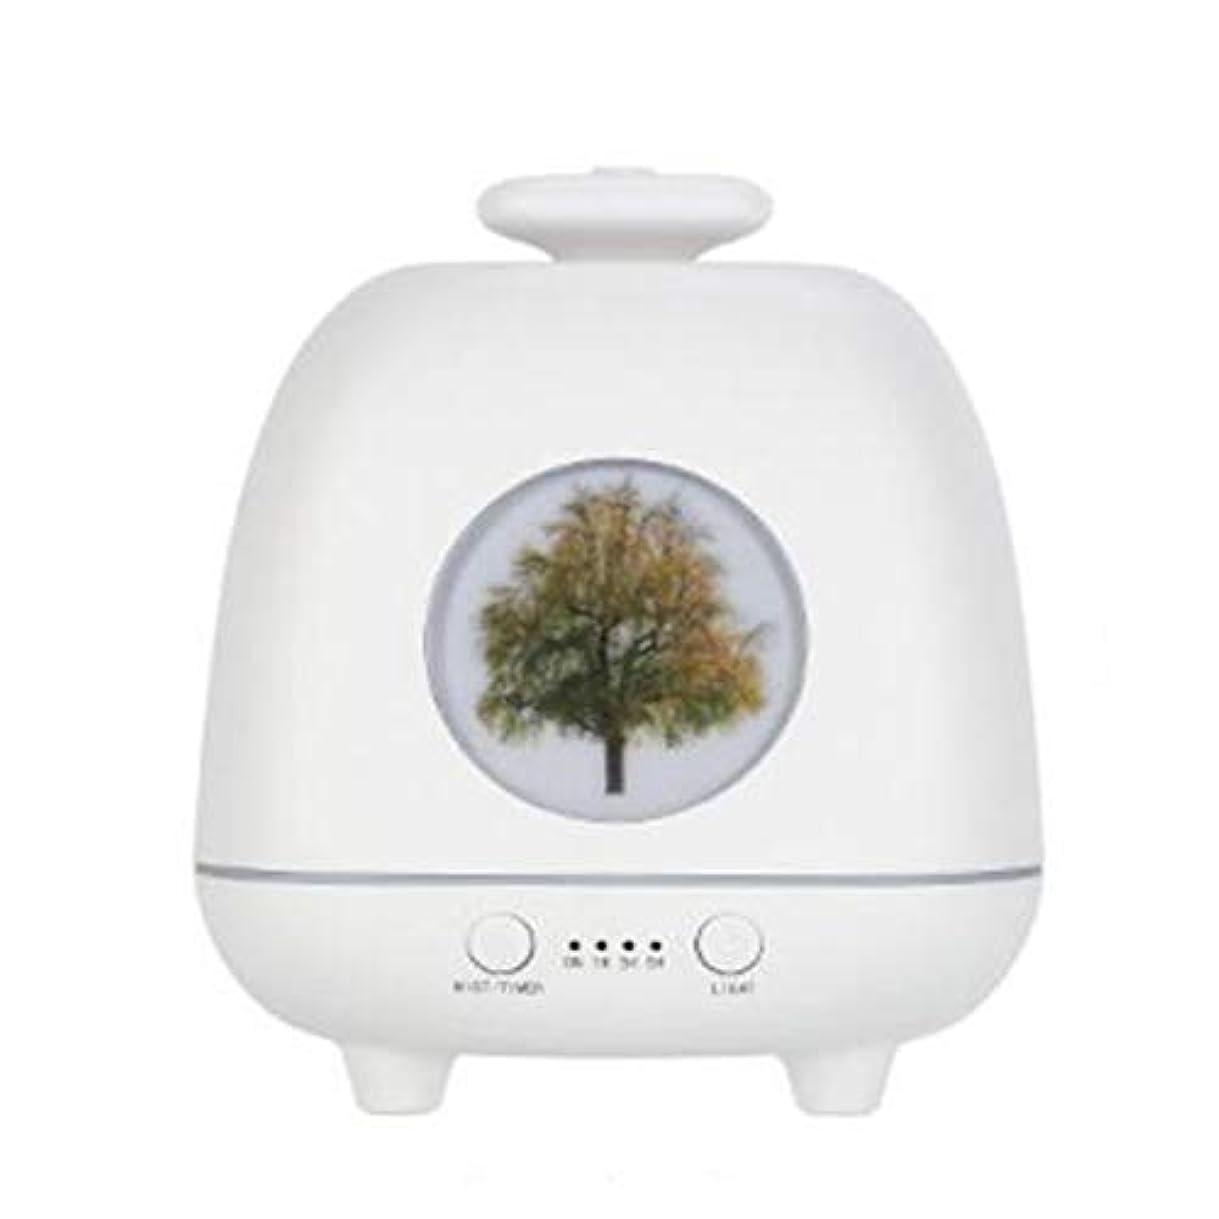 調和のとれた支給彼らの涼しい霧 香り 精油 ディフューザー,7 色 空気を浄化 4穴ノズル 加湿器 時間 加湿機 ホーム Yoga デスク オフィス ベッド- 230ml